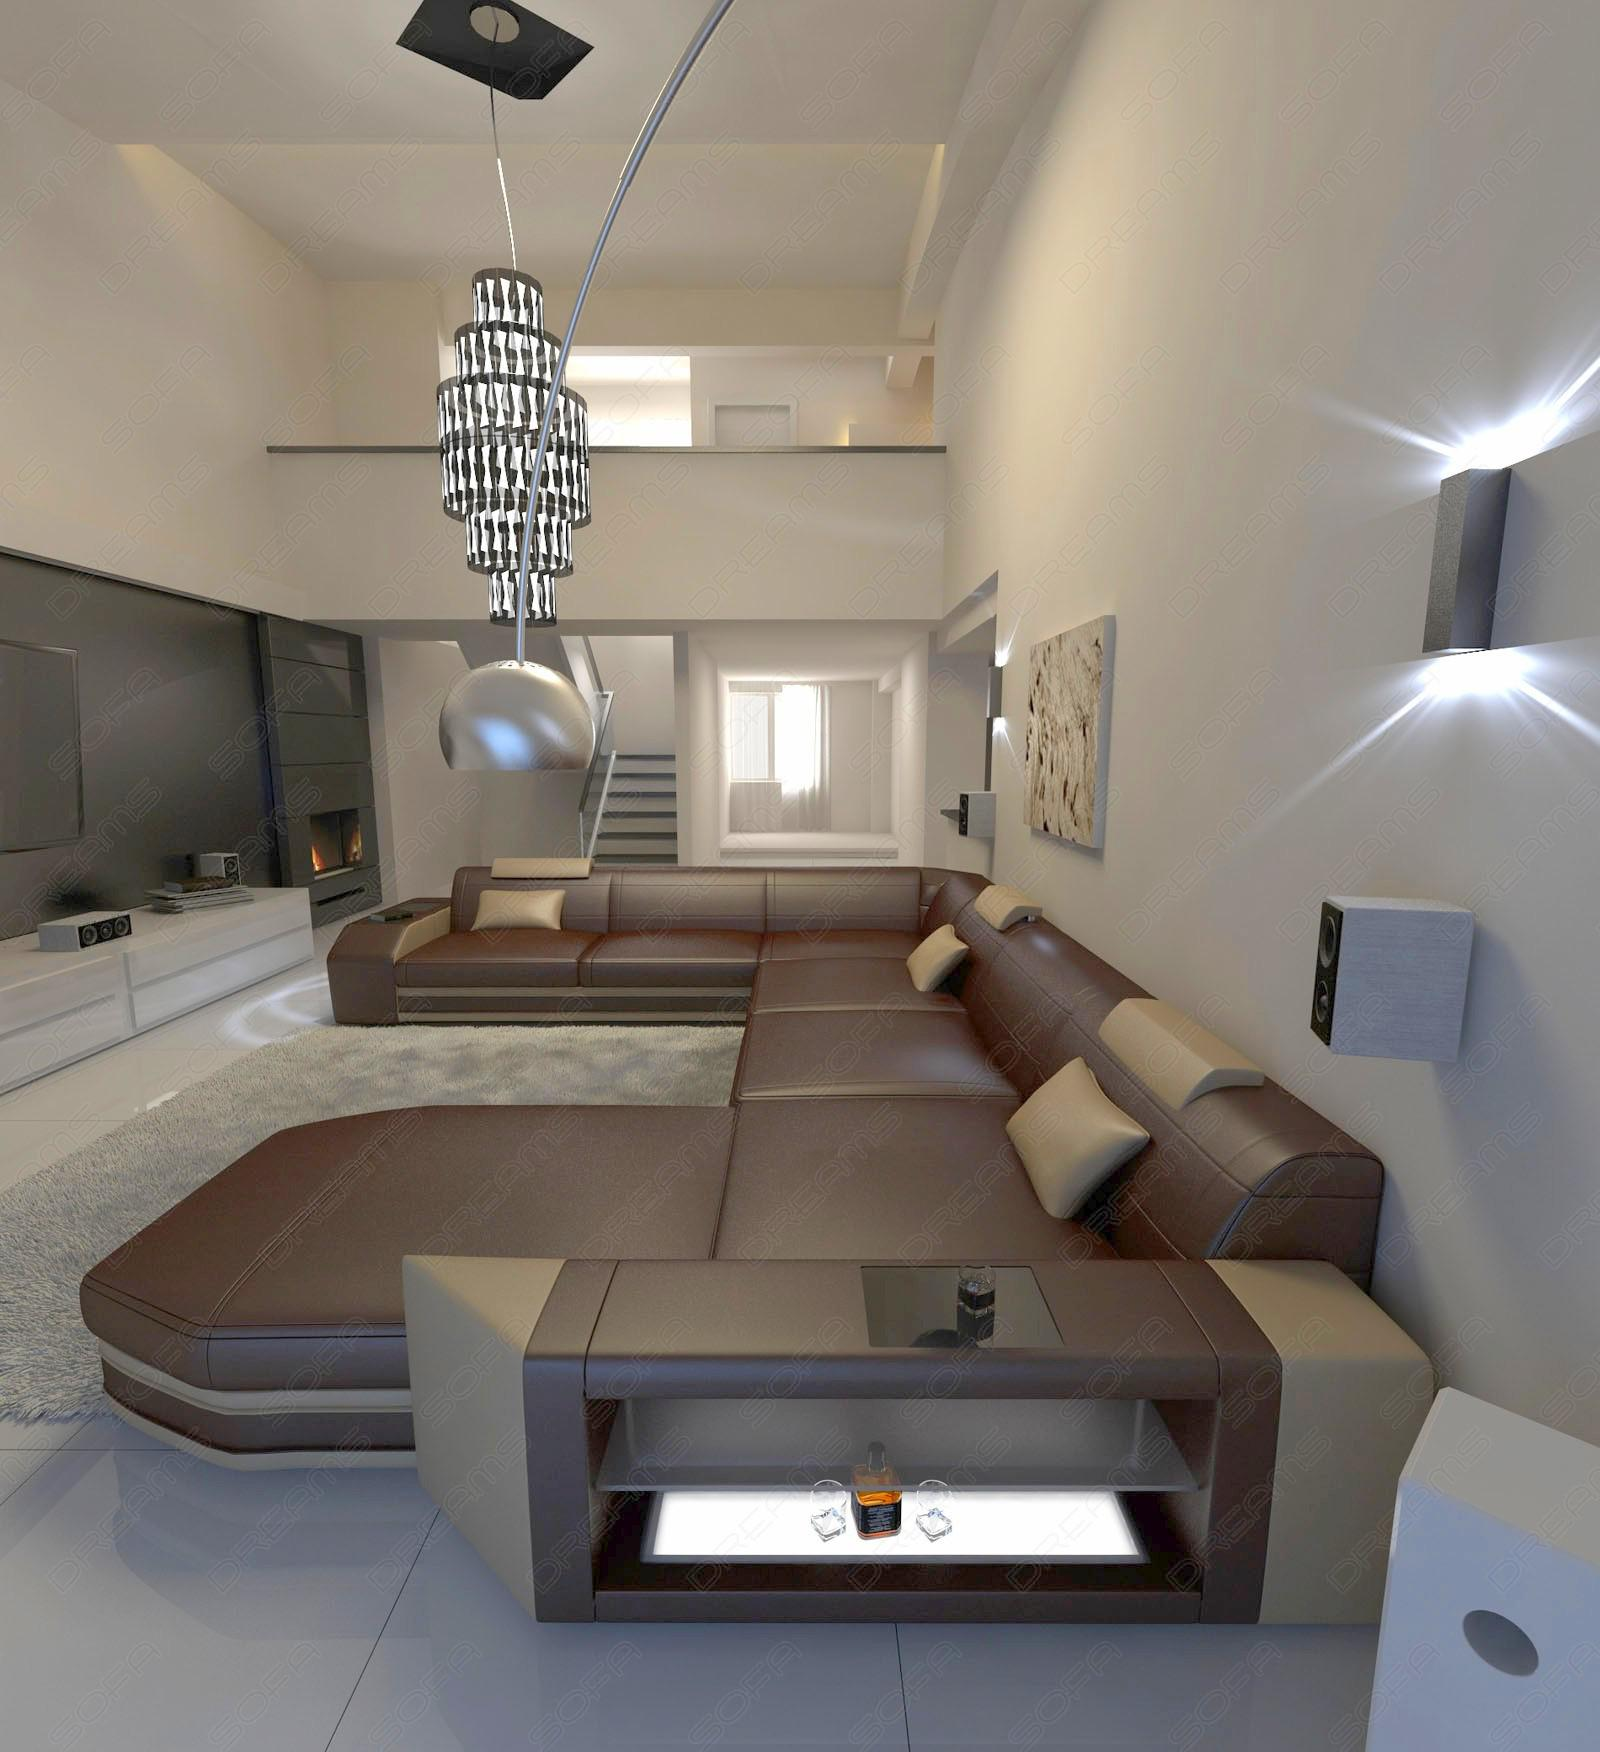 mega wohnlandschaft prato xxl mit beleuchtung dunkelbraun sandbeige kaufen bei pmr. Black Bedroom Furniture Sets. Home Design Ideas